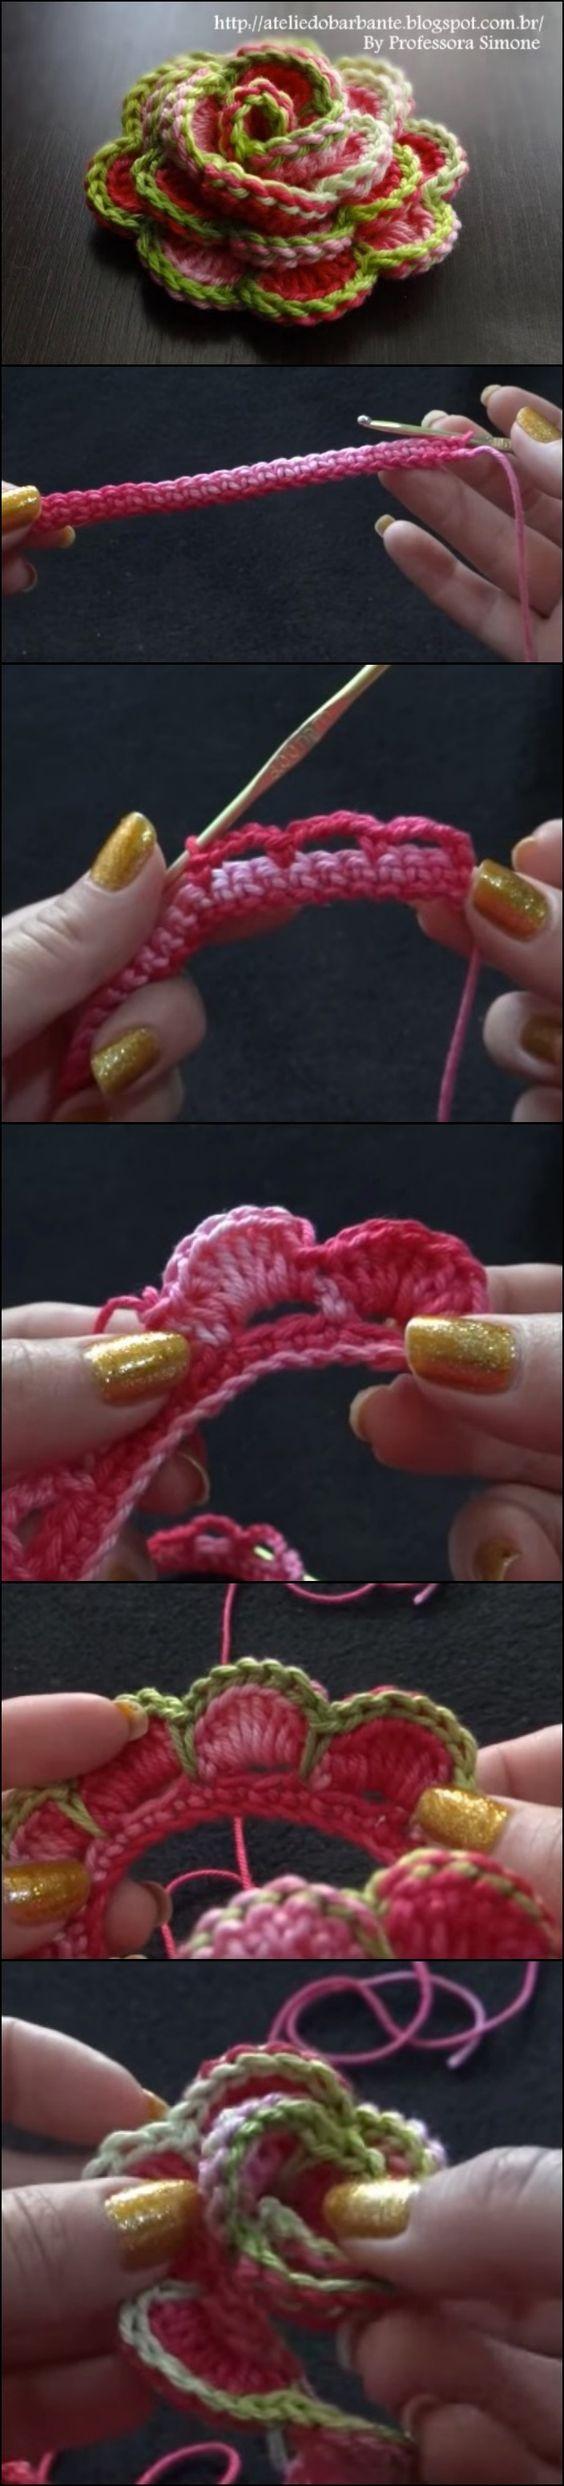 3D Crochet Roses Video Tutorial   Pinterest   Häkeln, Blumen häkeln ...